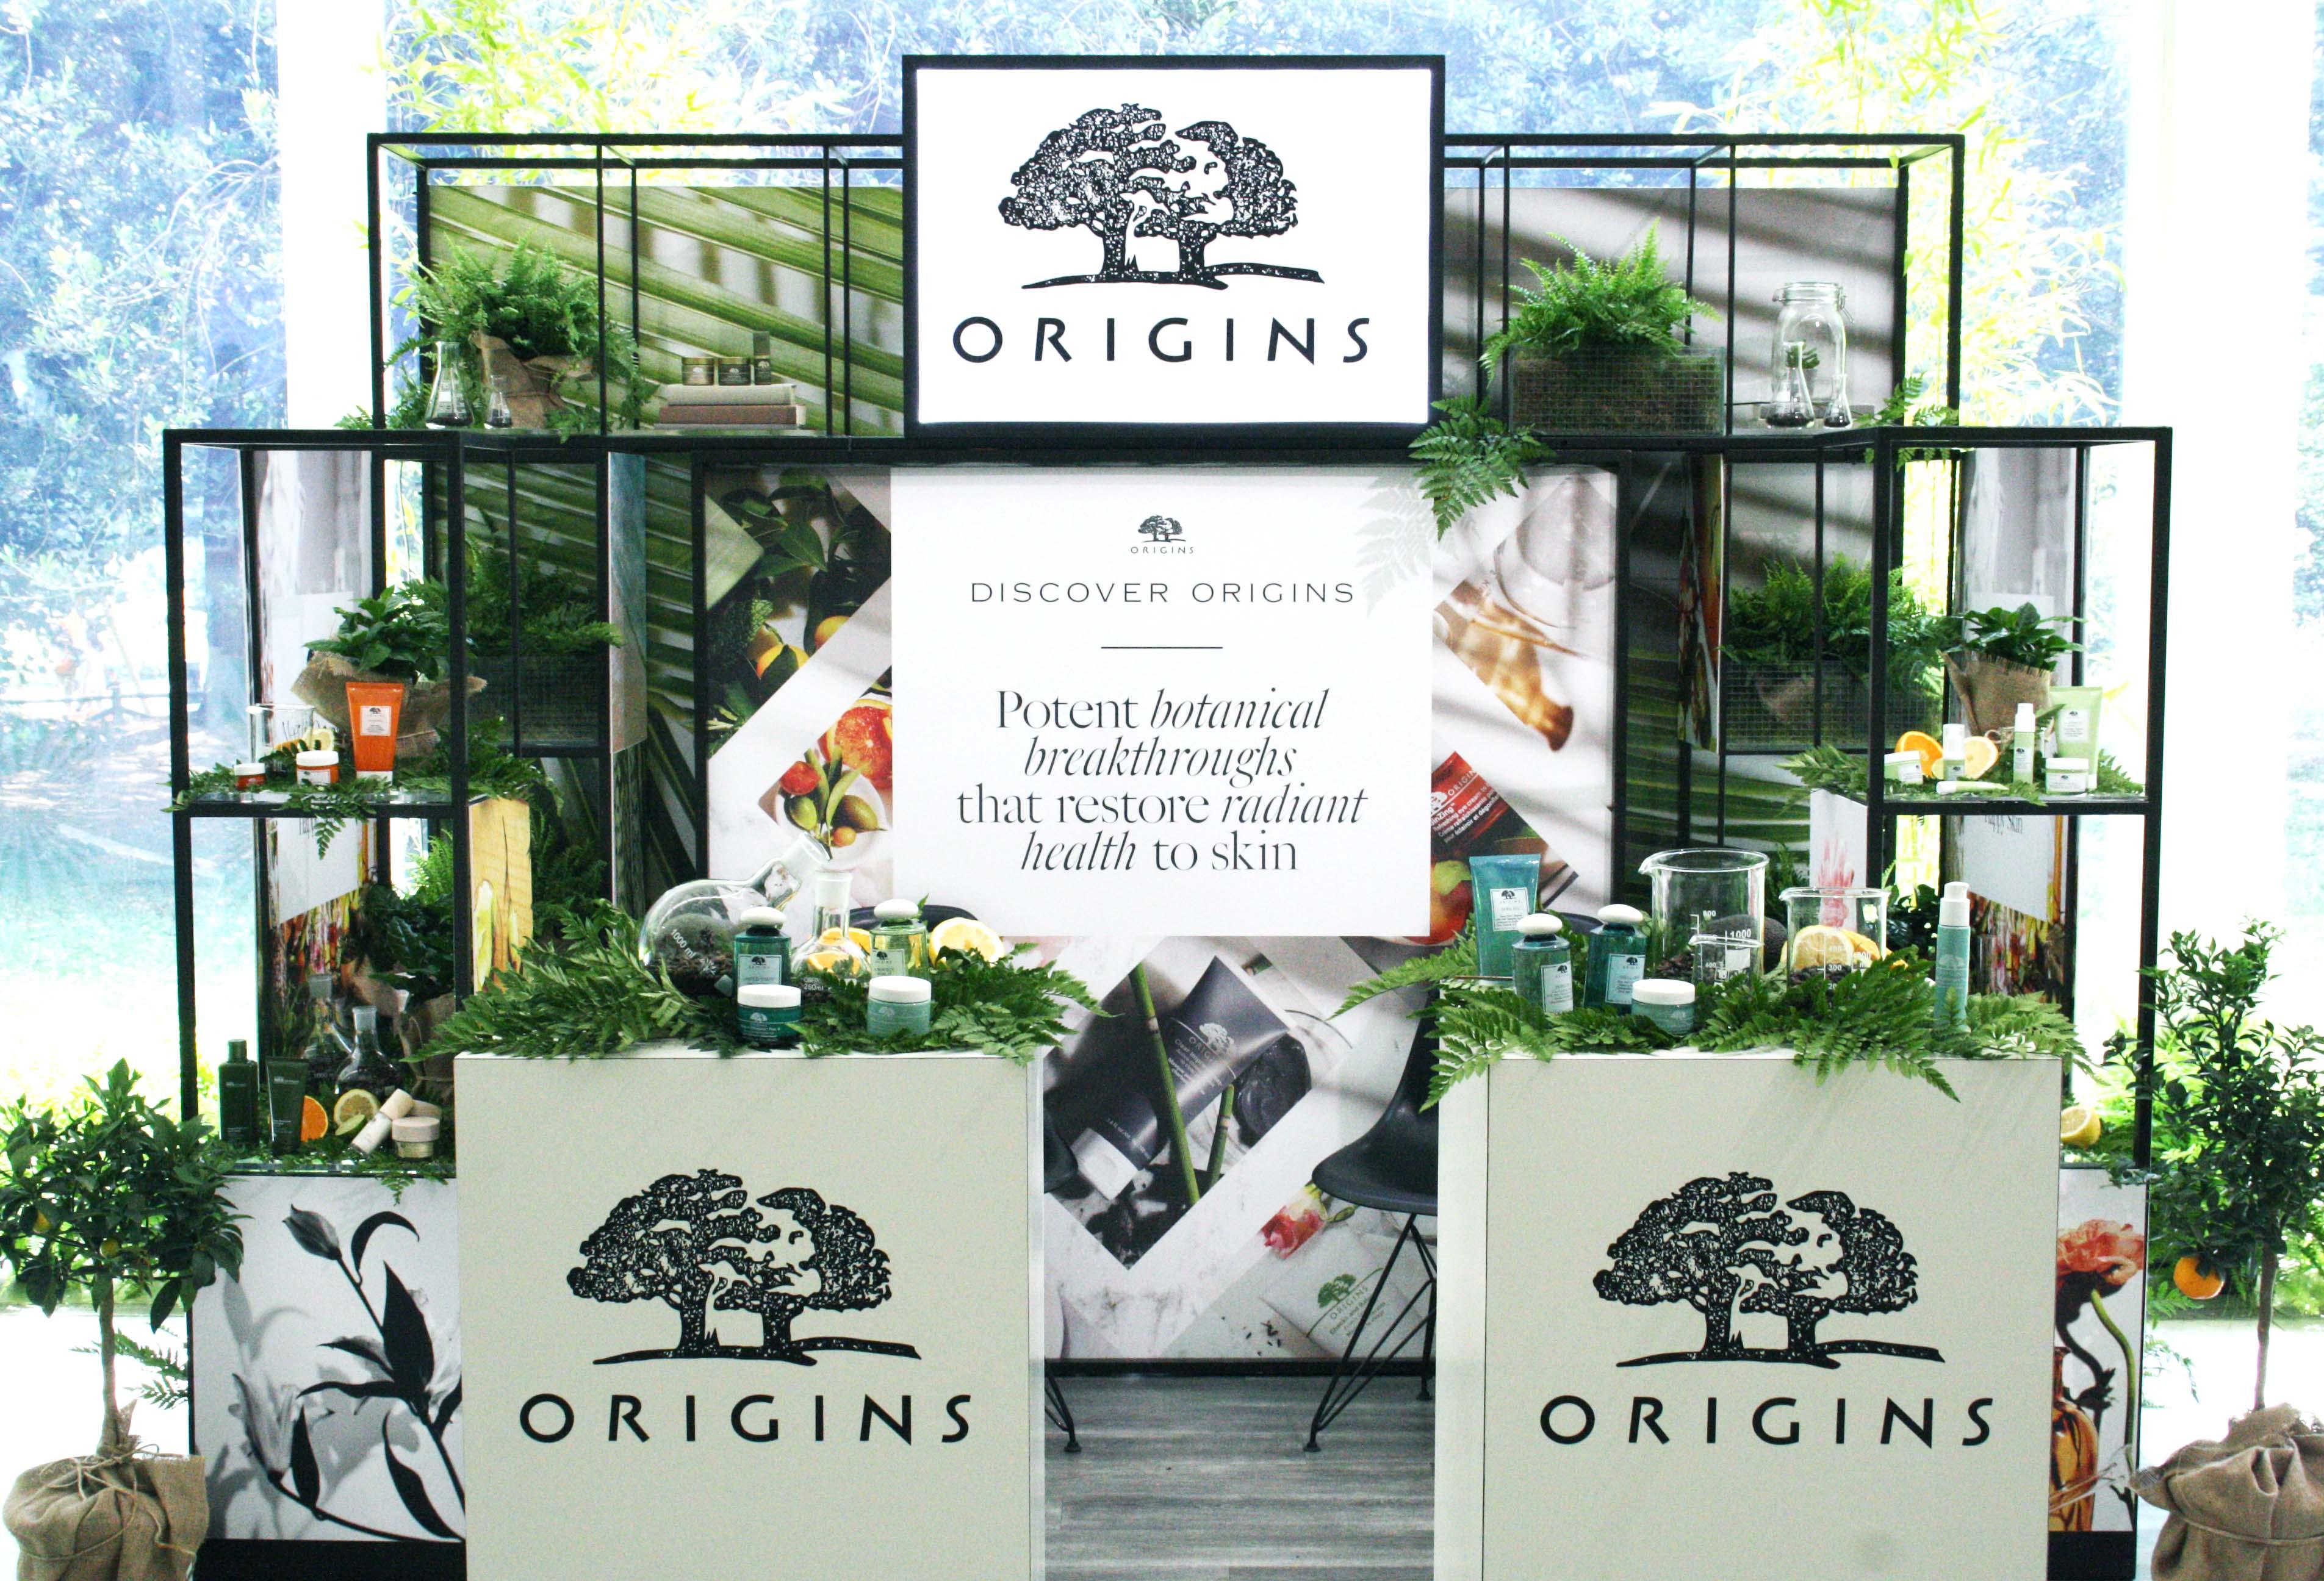 Origins arriva da Sephora con le sue linee skincare naturali: tutte le info foto e prezzi